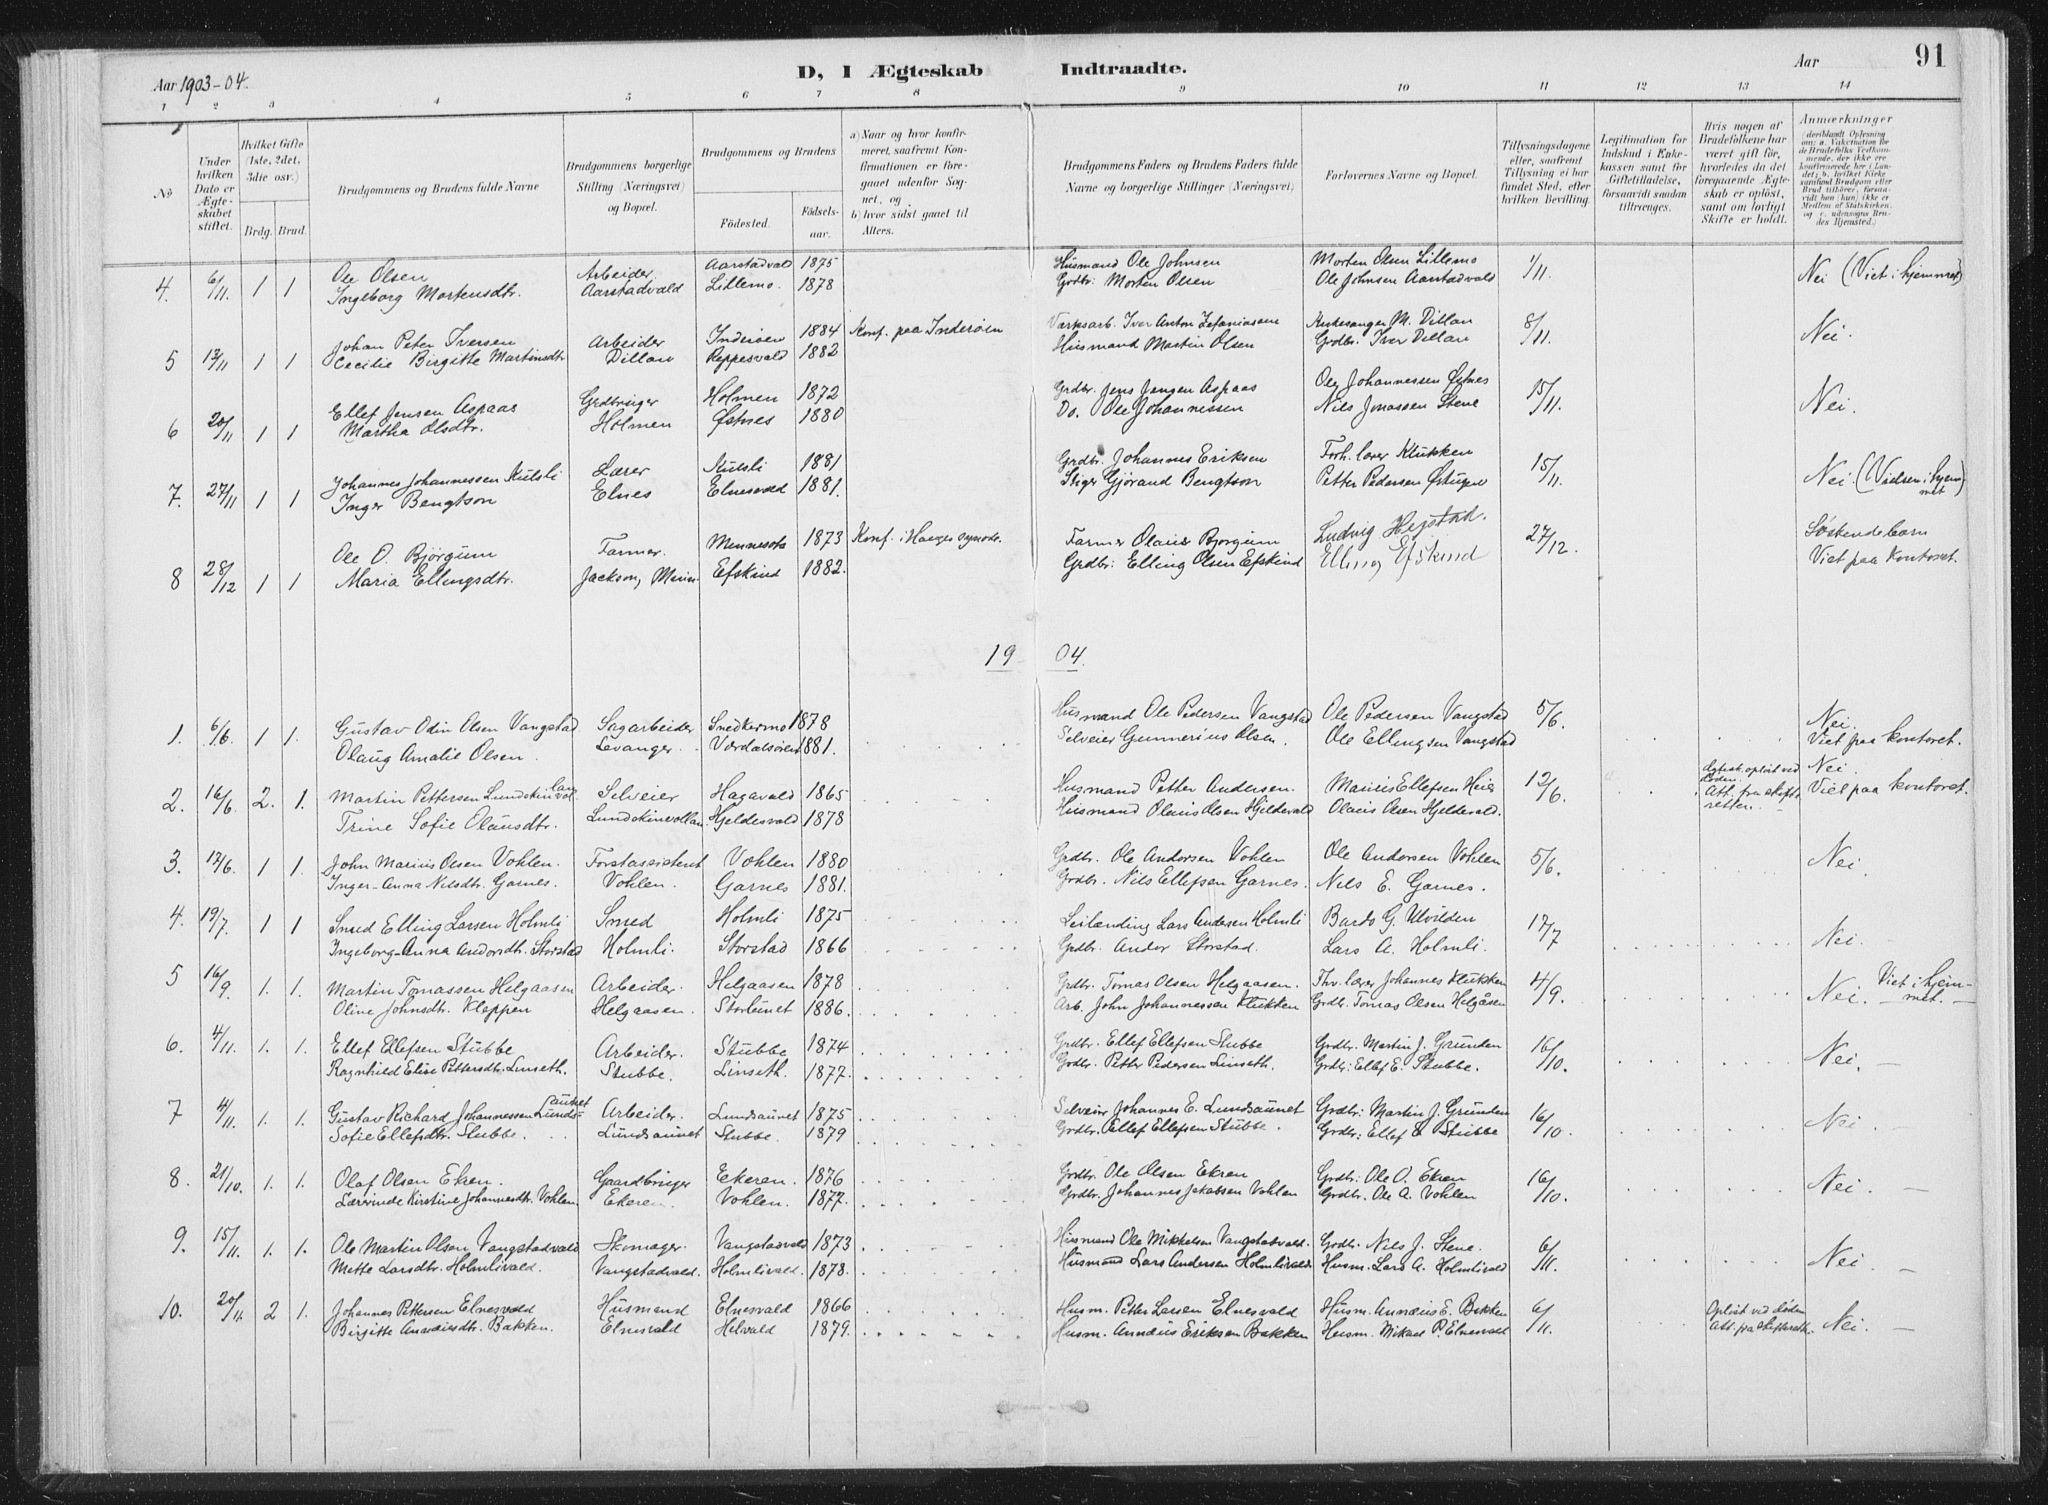 SAT, Ministerialprotokoller, klokkerbøker og fødselsregistre - Nord-Trøndelag, 724/L0263: Ministerialbok nr. 724A01, 1891-1907, s. 91